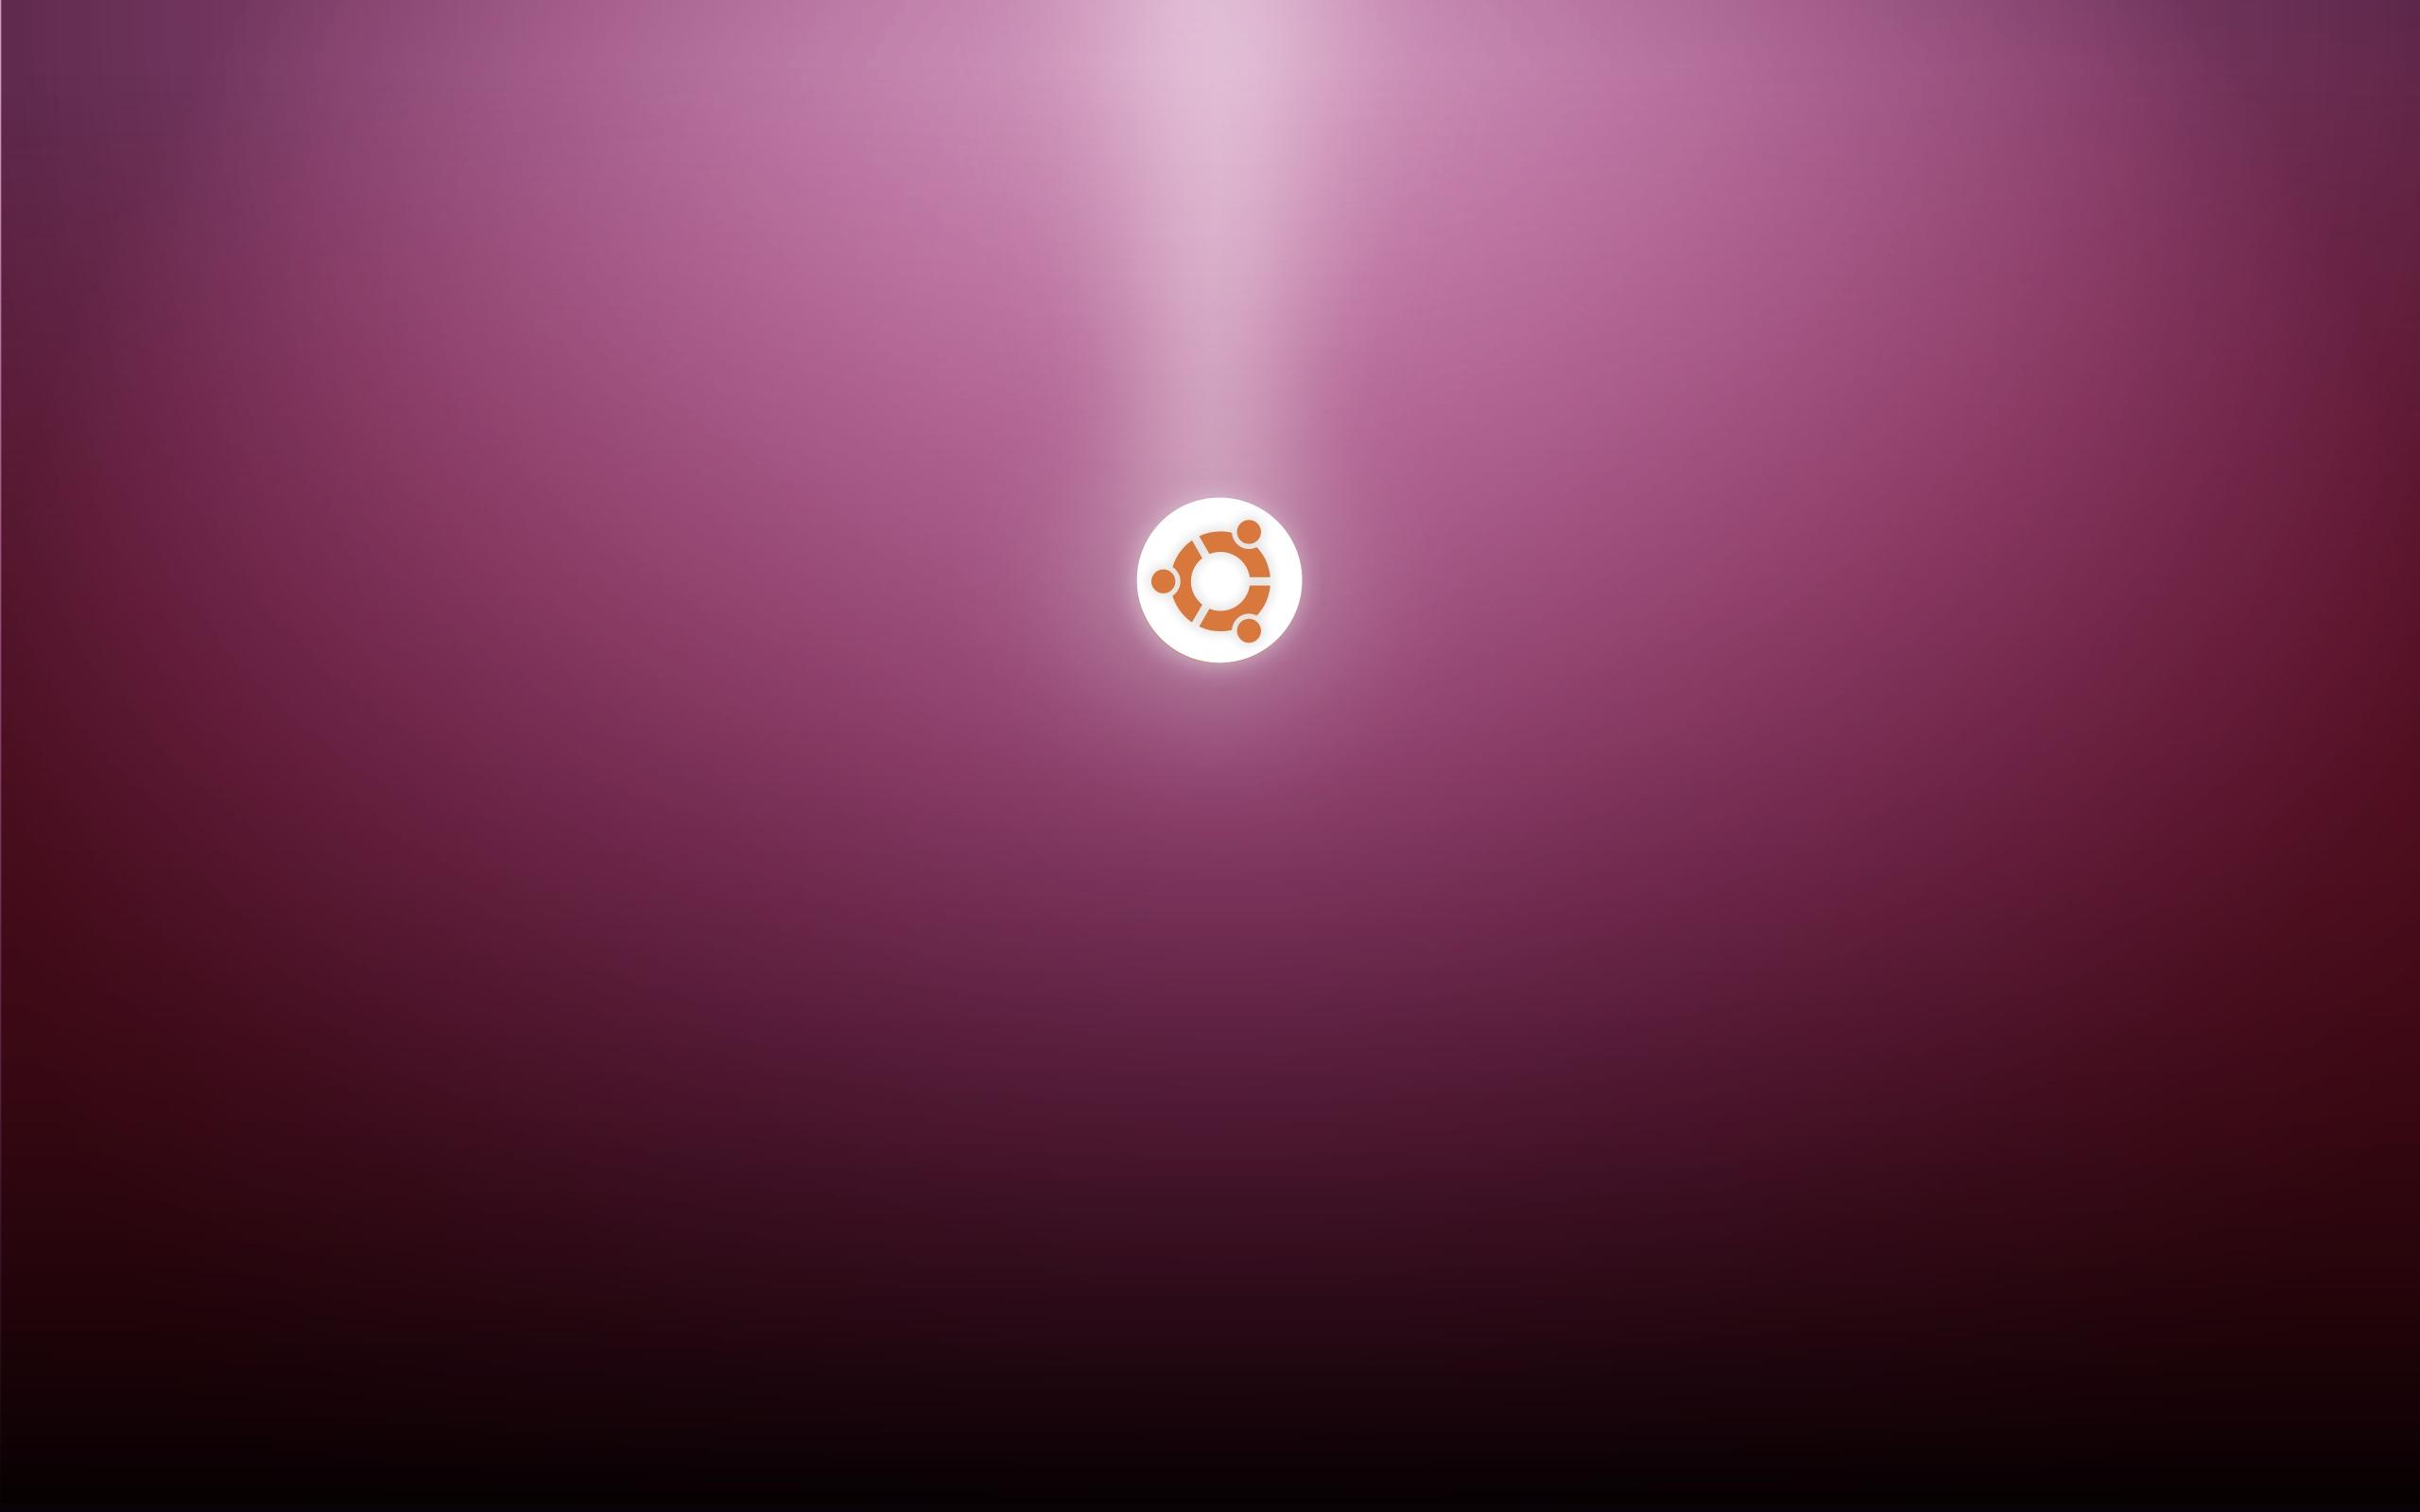 wallpaper ubuntu   Wallpapers 2560x1600